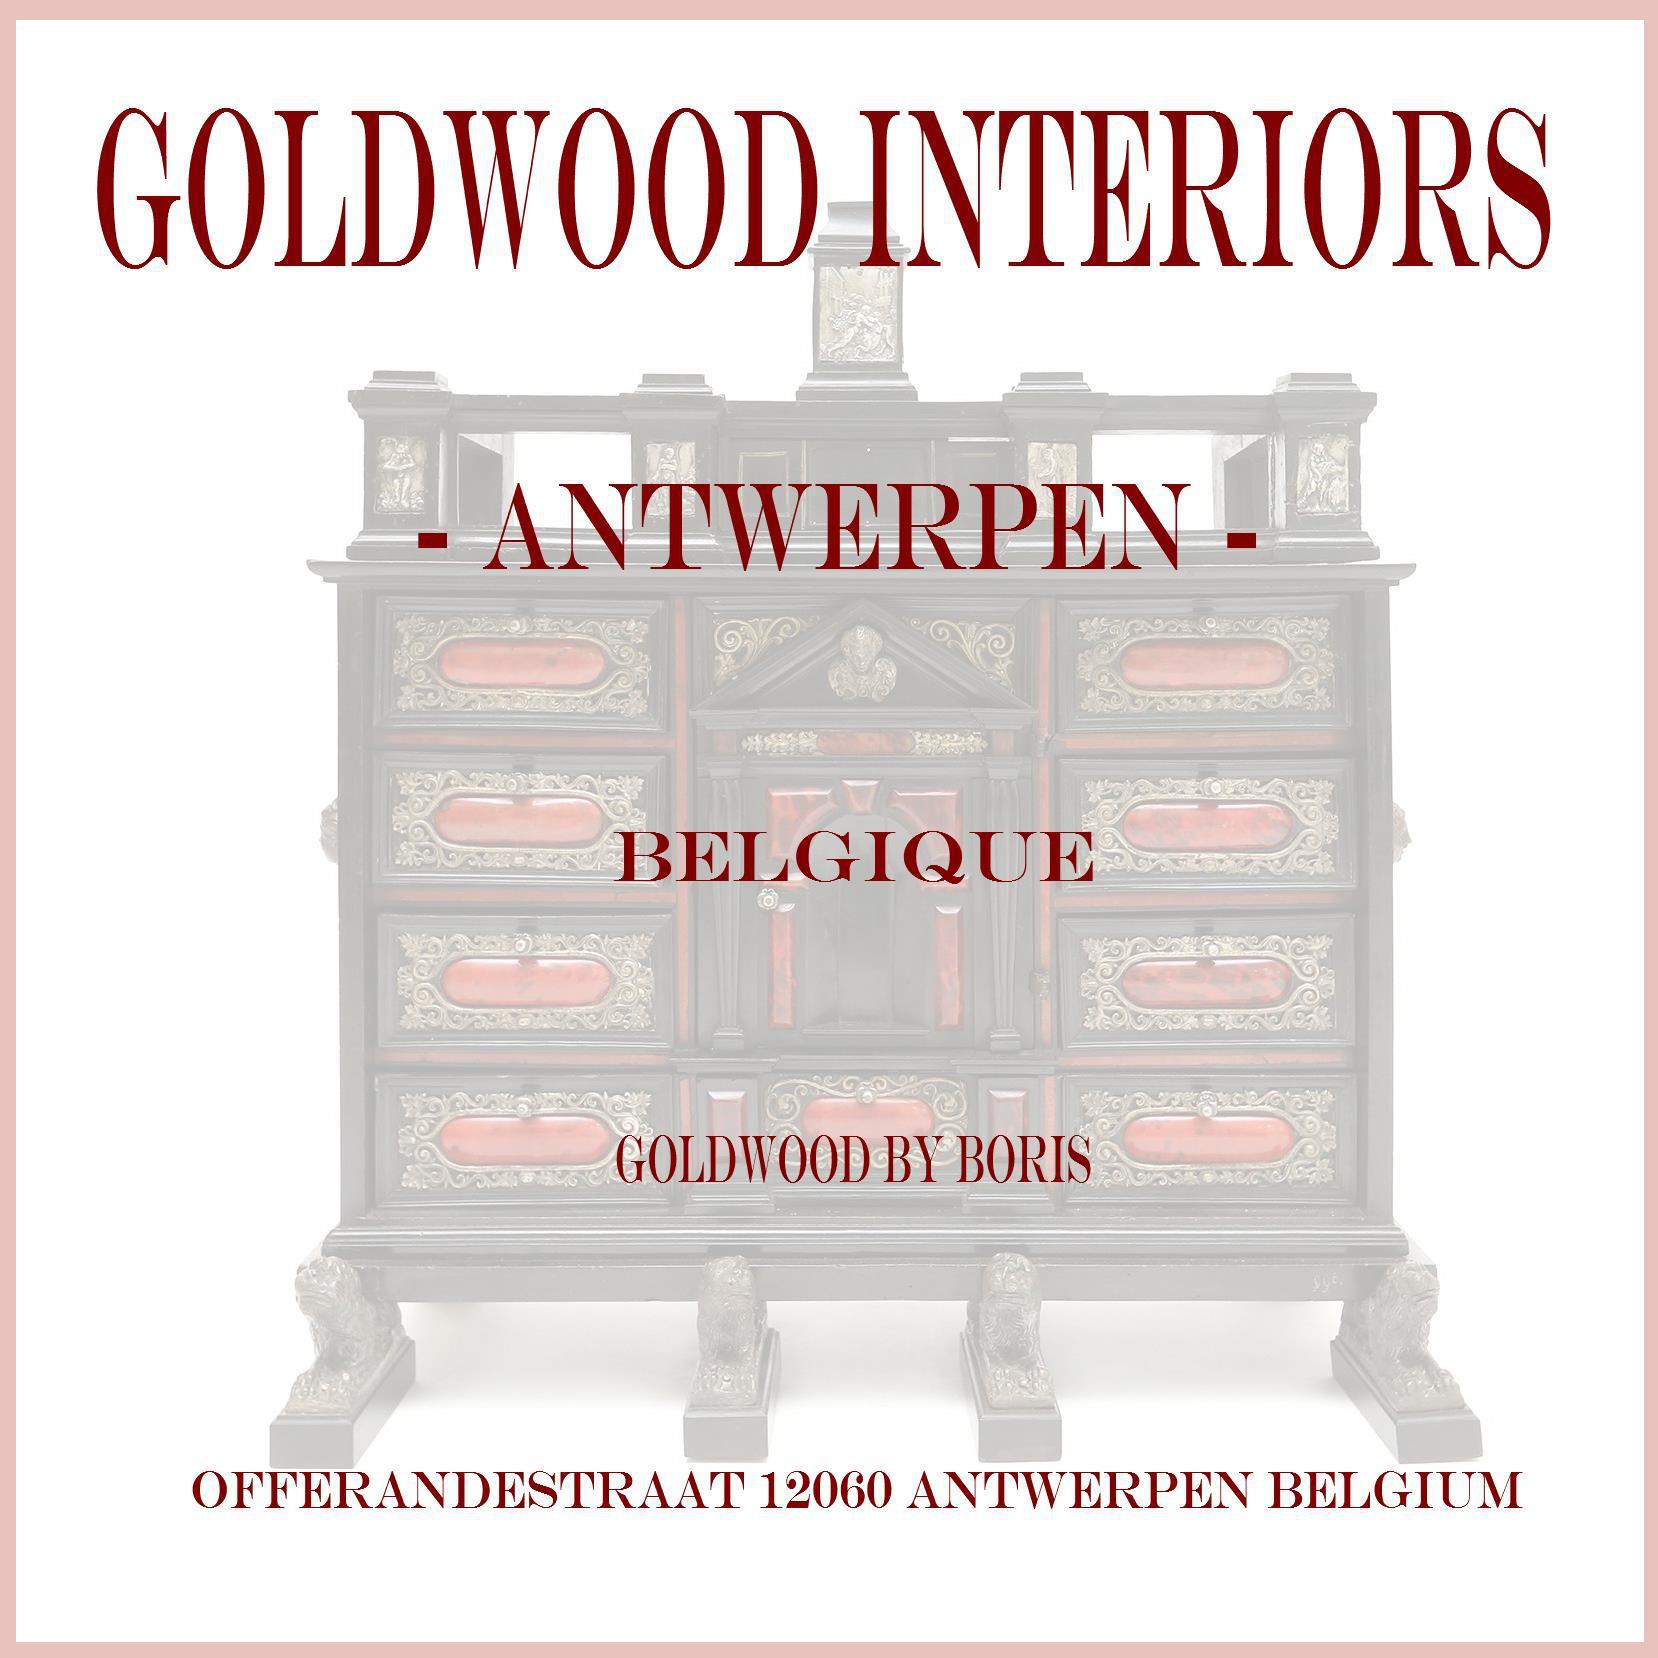 Goldwood Interiors